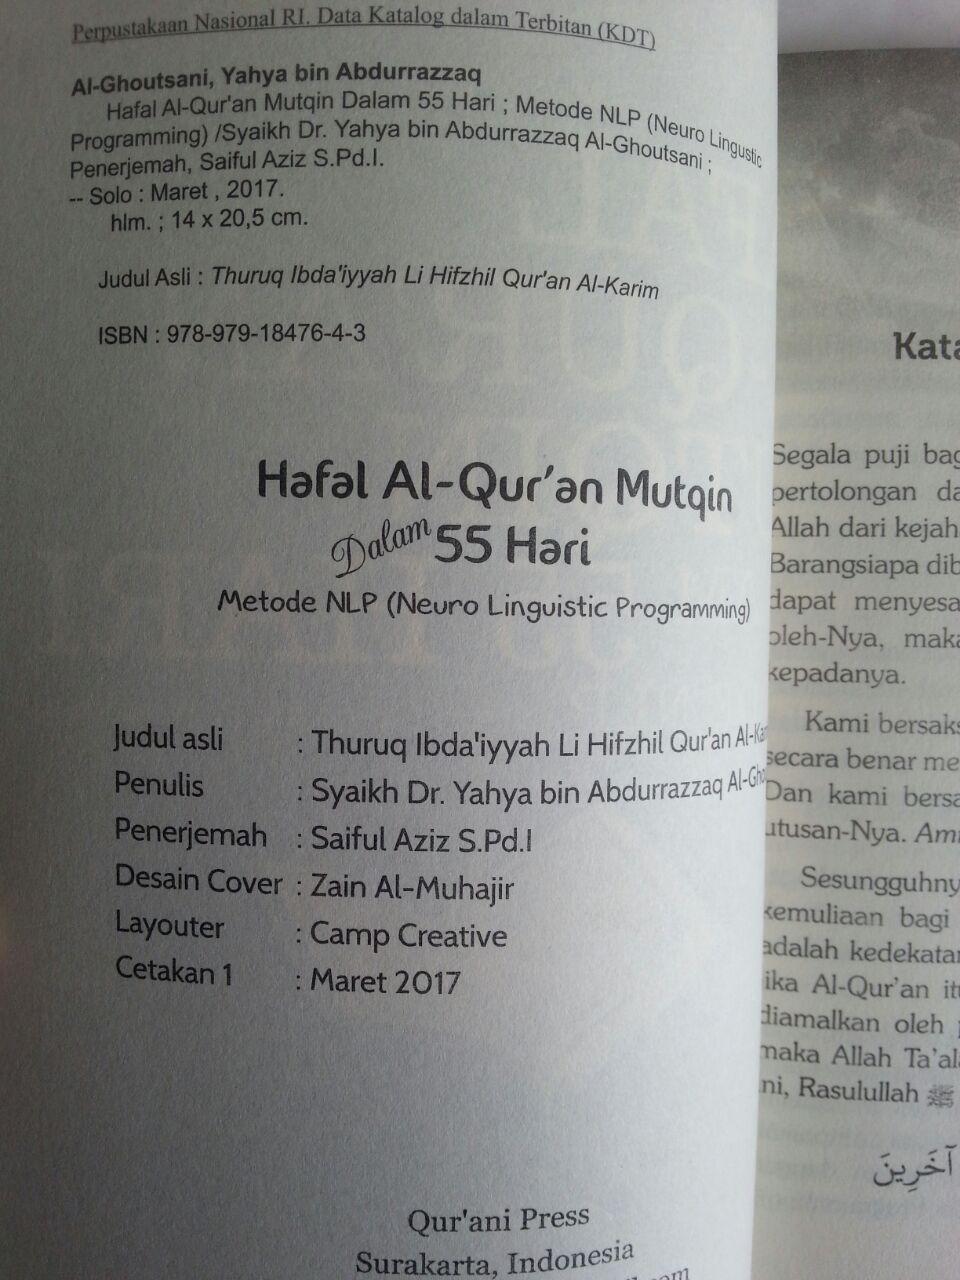 Buku Hafal Al-Qur'an Mutqin Dalam 55 Hari Metode LNP isi